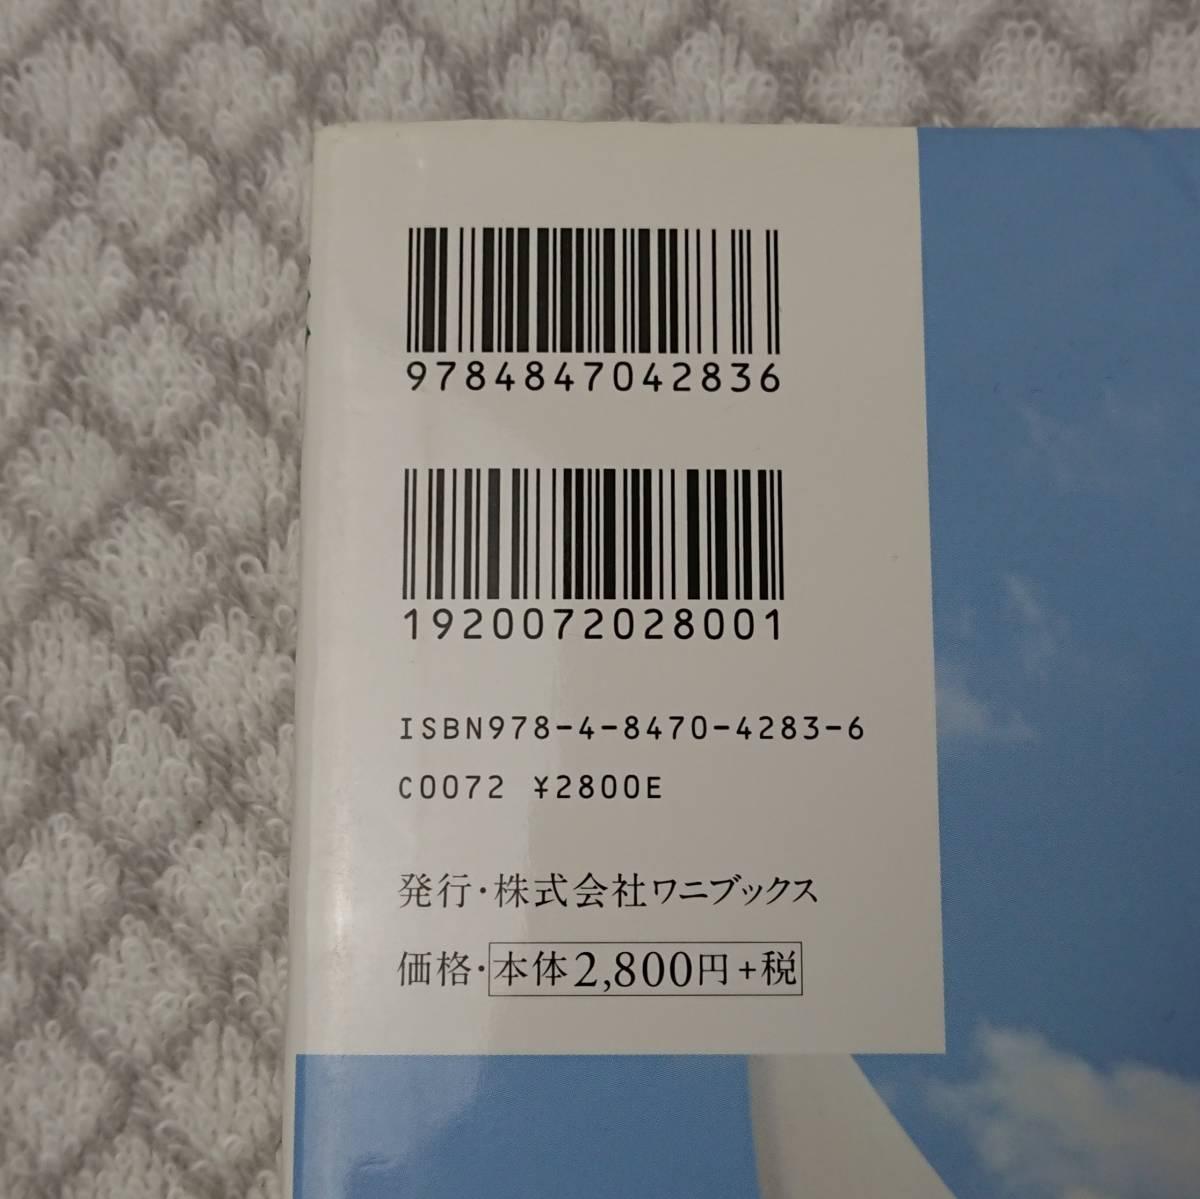 ★即決★ 高橋愛 写真集『形』DVD付 初版 元モーニング娘。ポイント消化に!_画像4